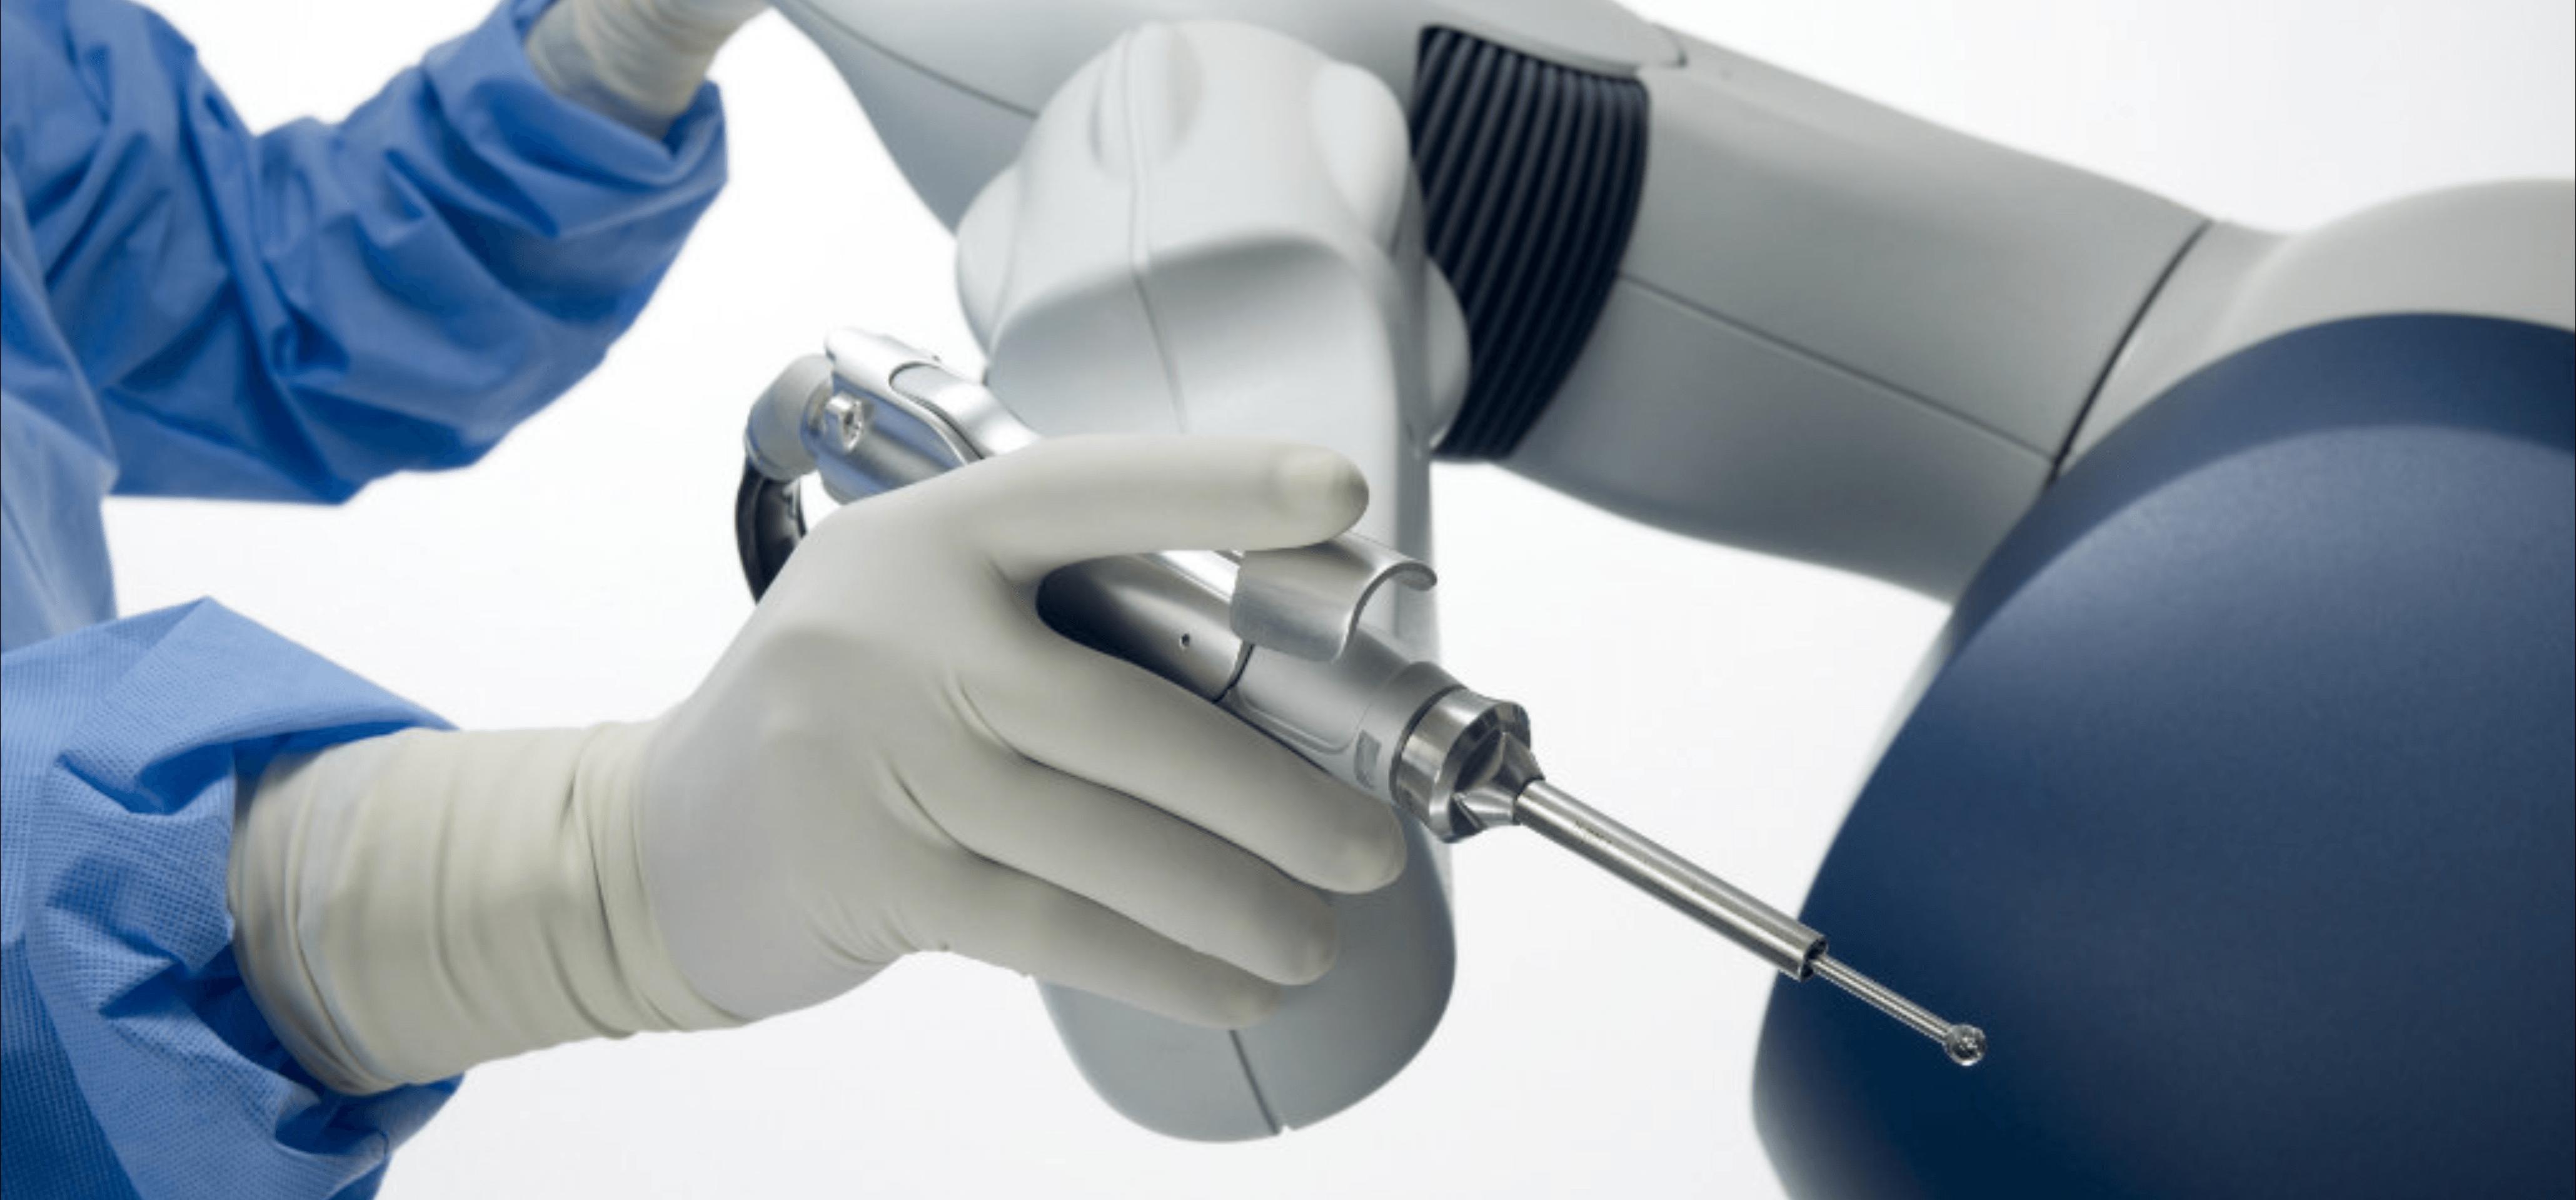 Empresa britânica lança novo robô cirurgião